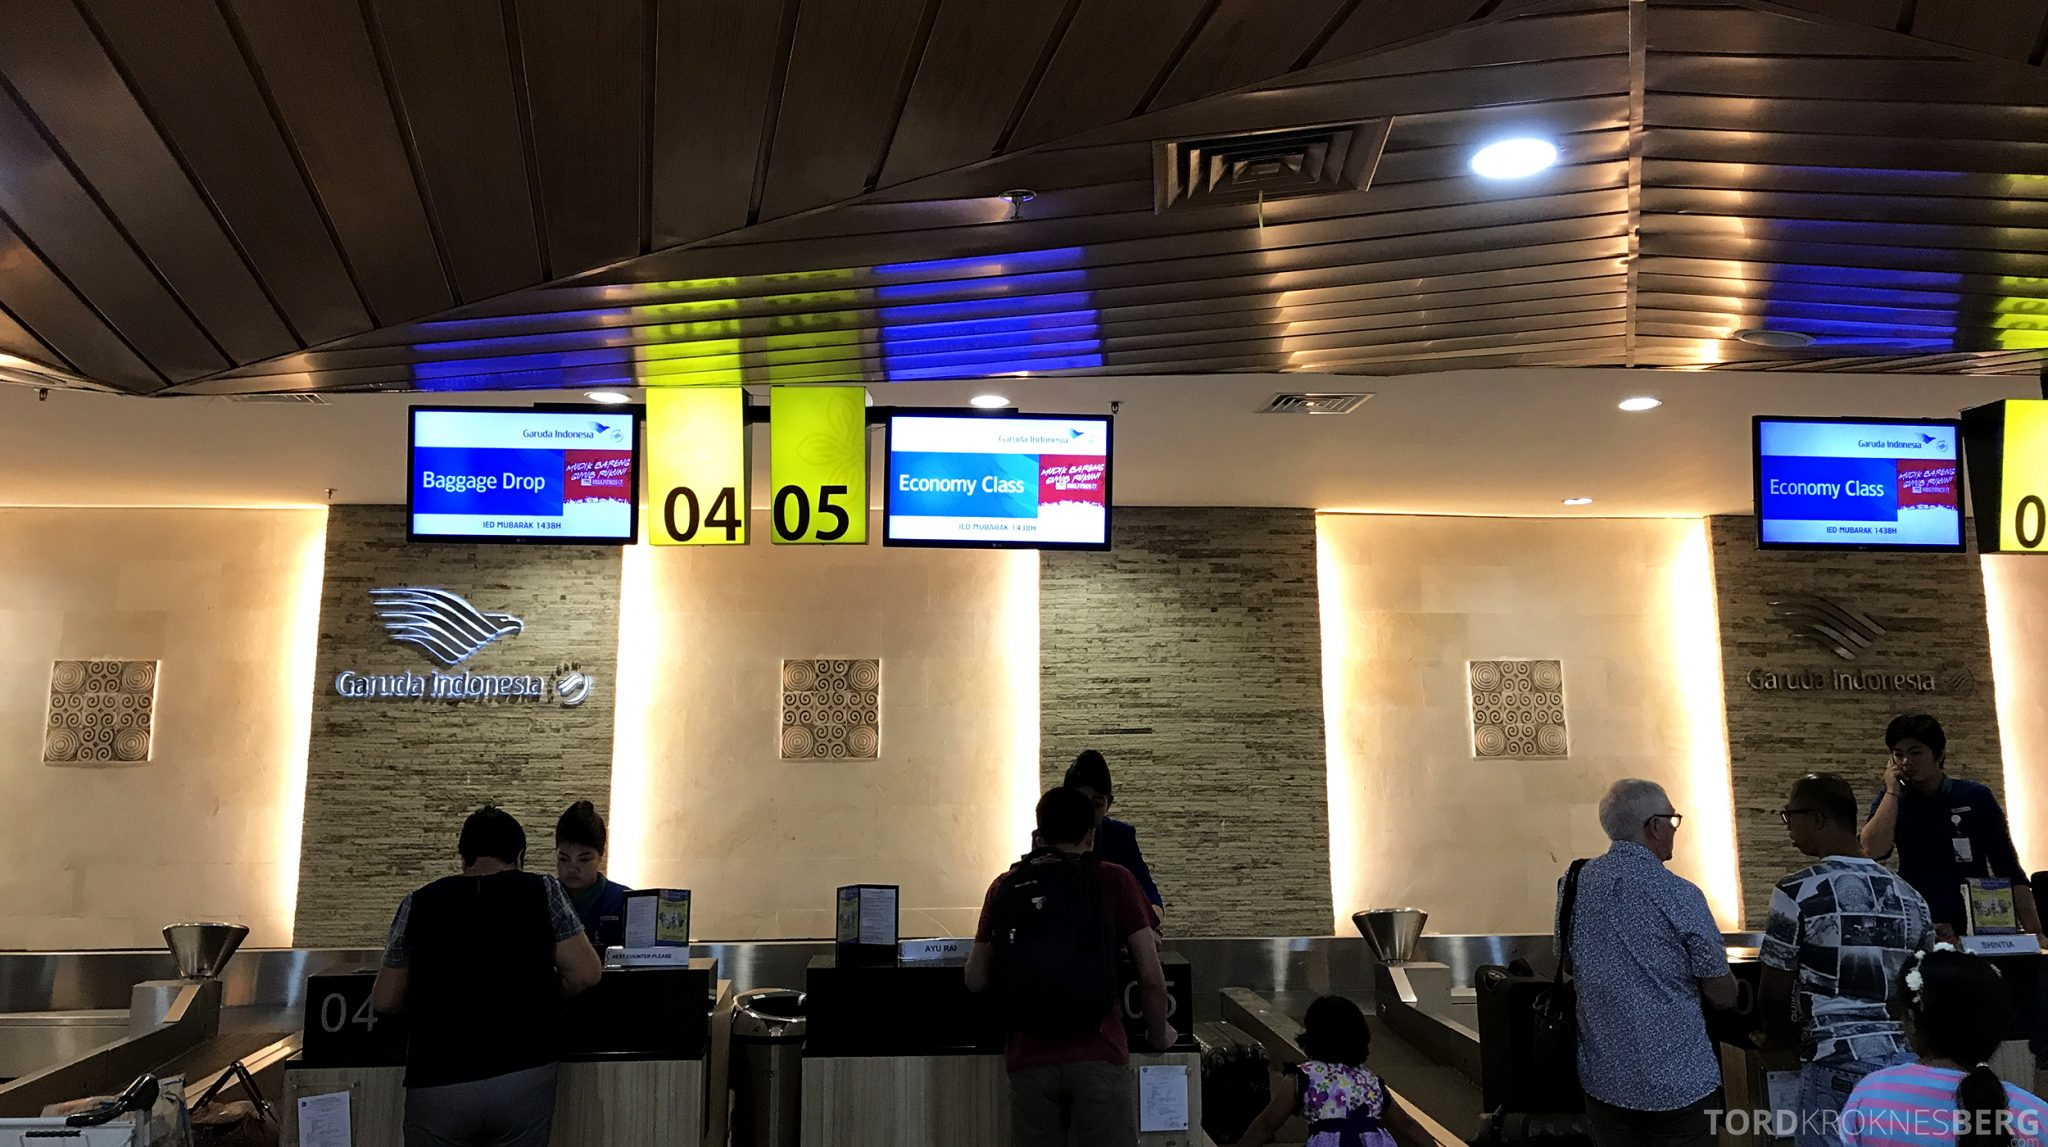 Garuda Indonesia Economy Bali Jakarta innsjekk